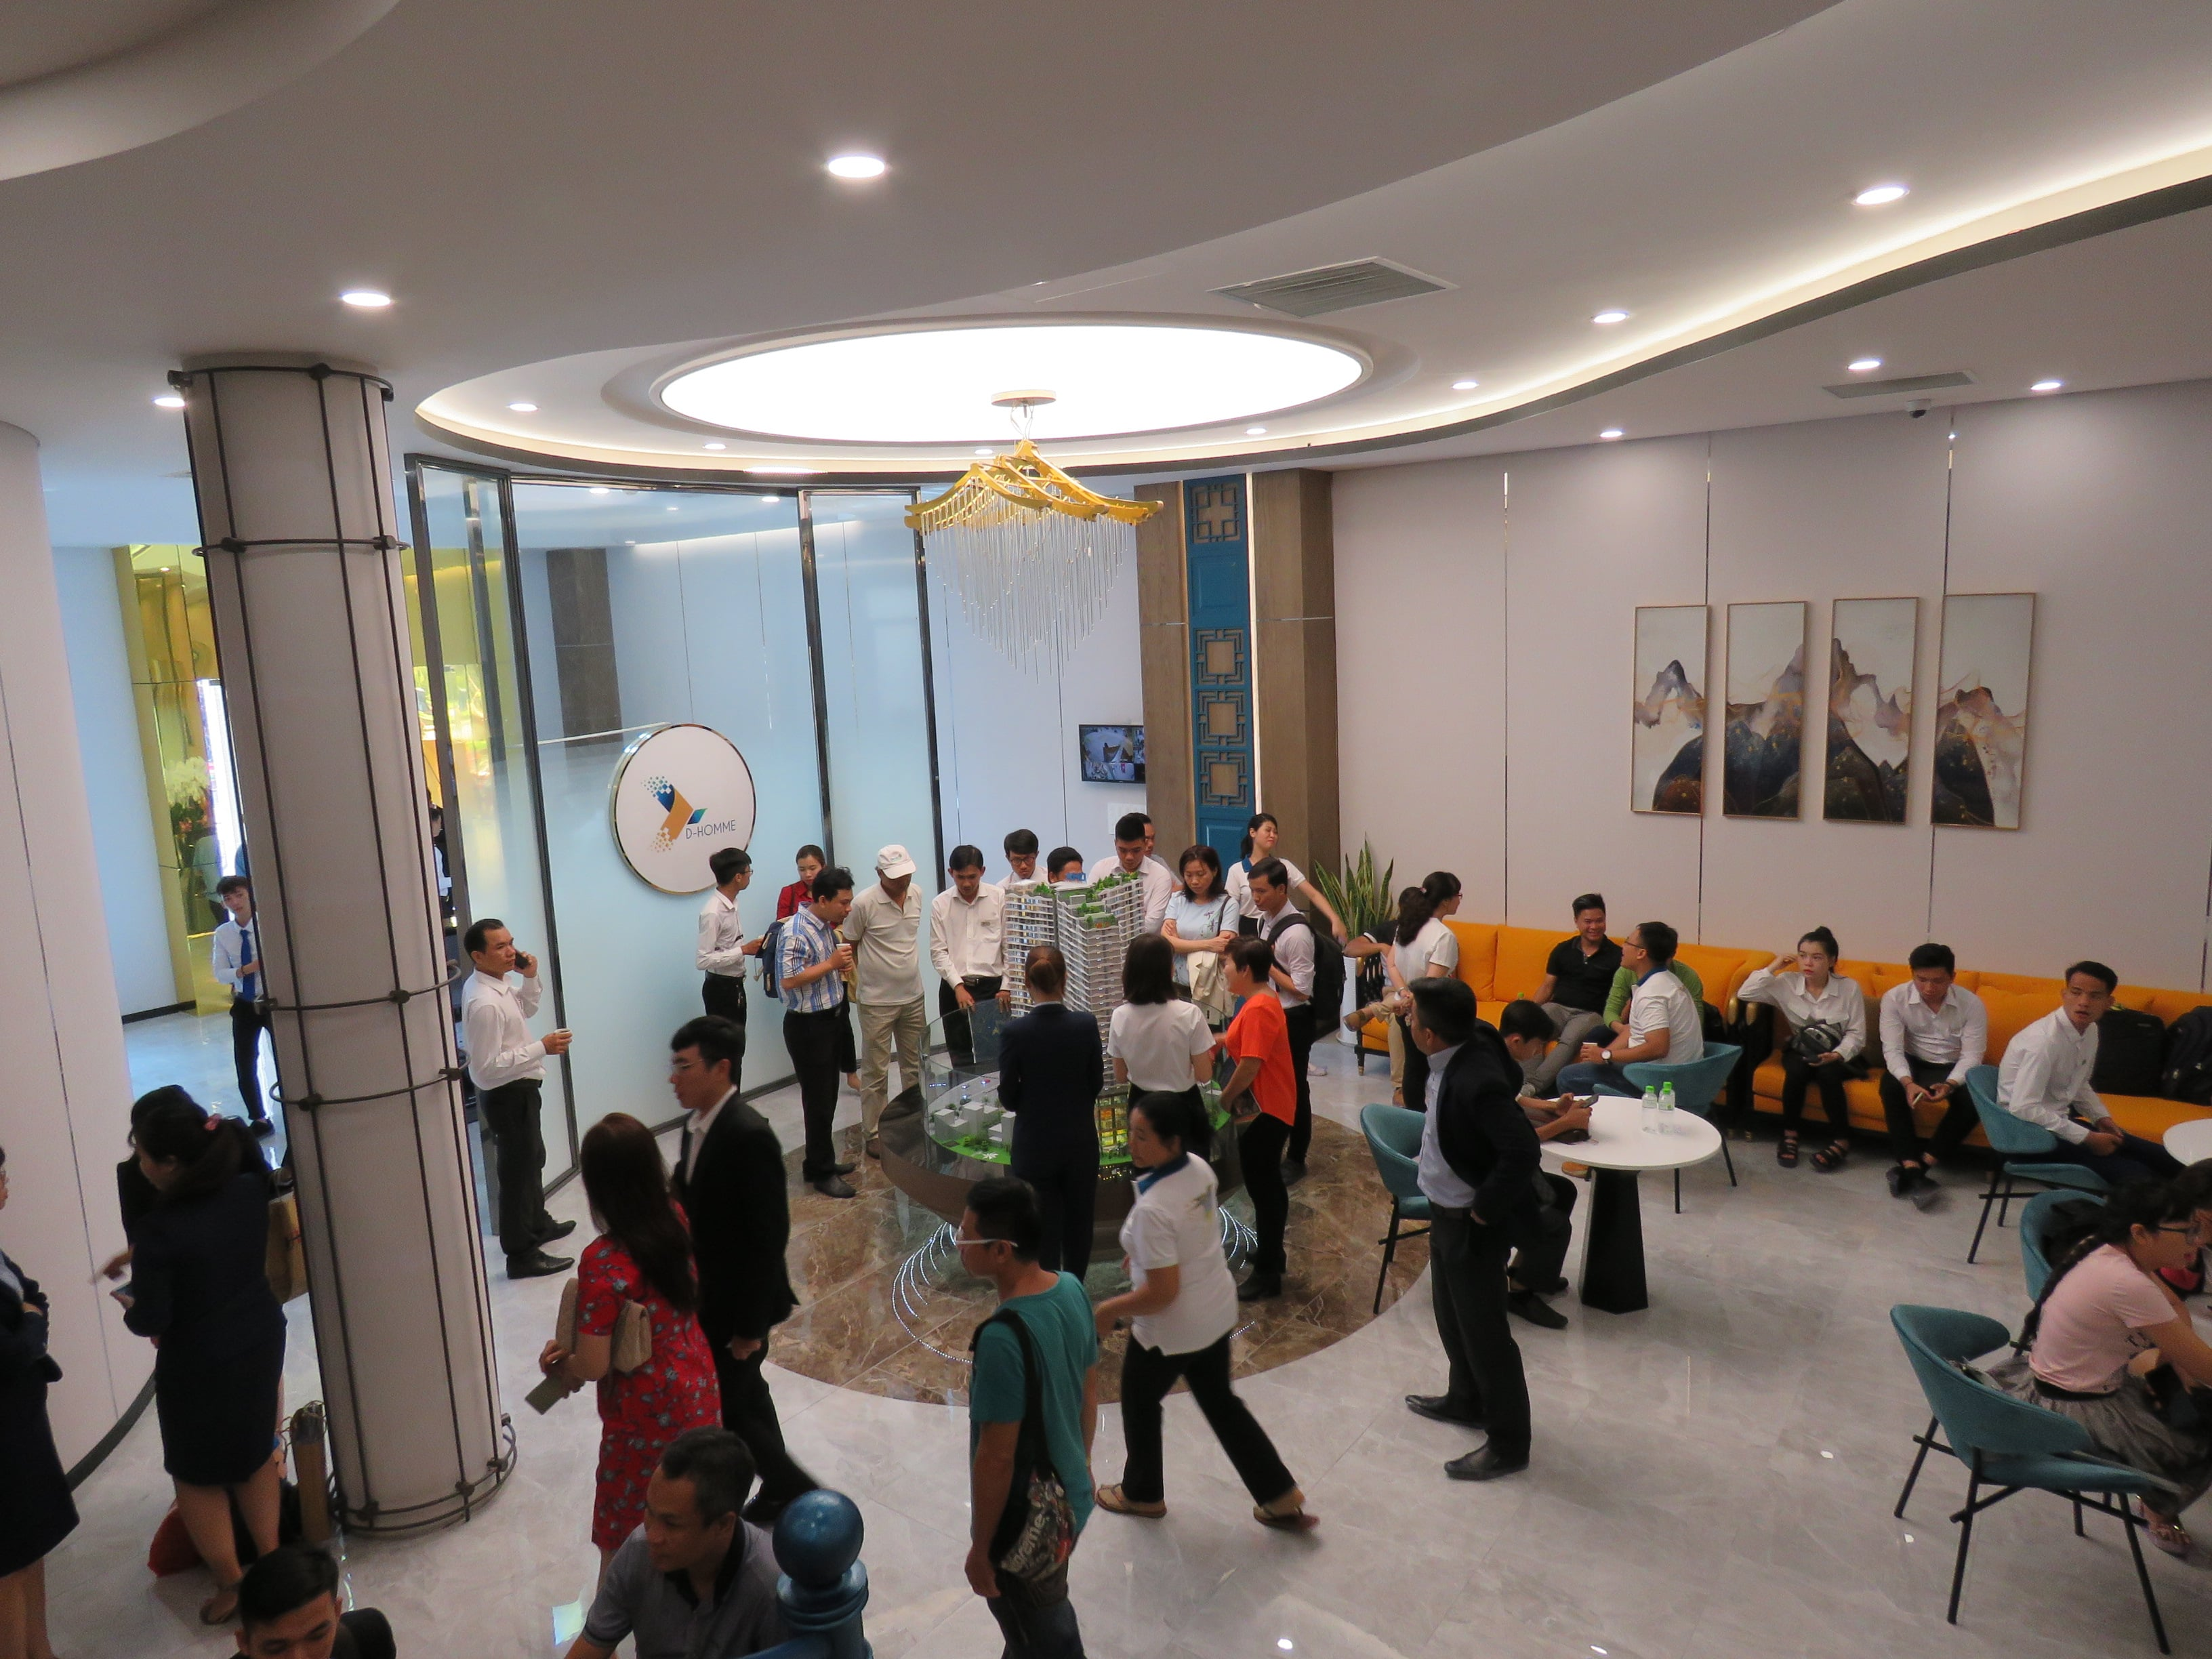 Khai trương nhà mẫu căn hộ D-Homme thu hút đông đảo khách hàng tham dự